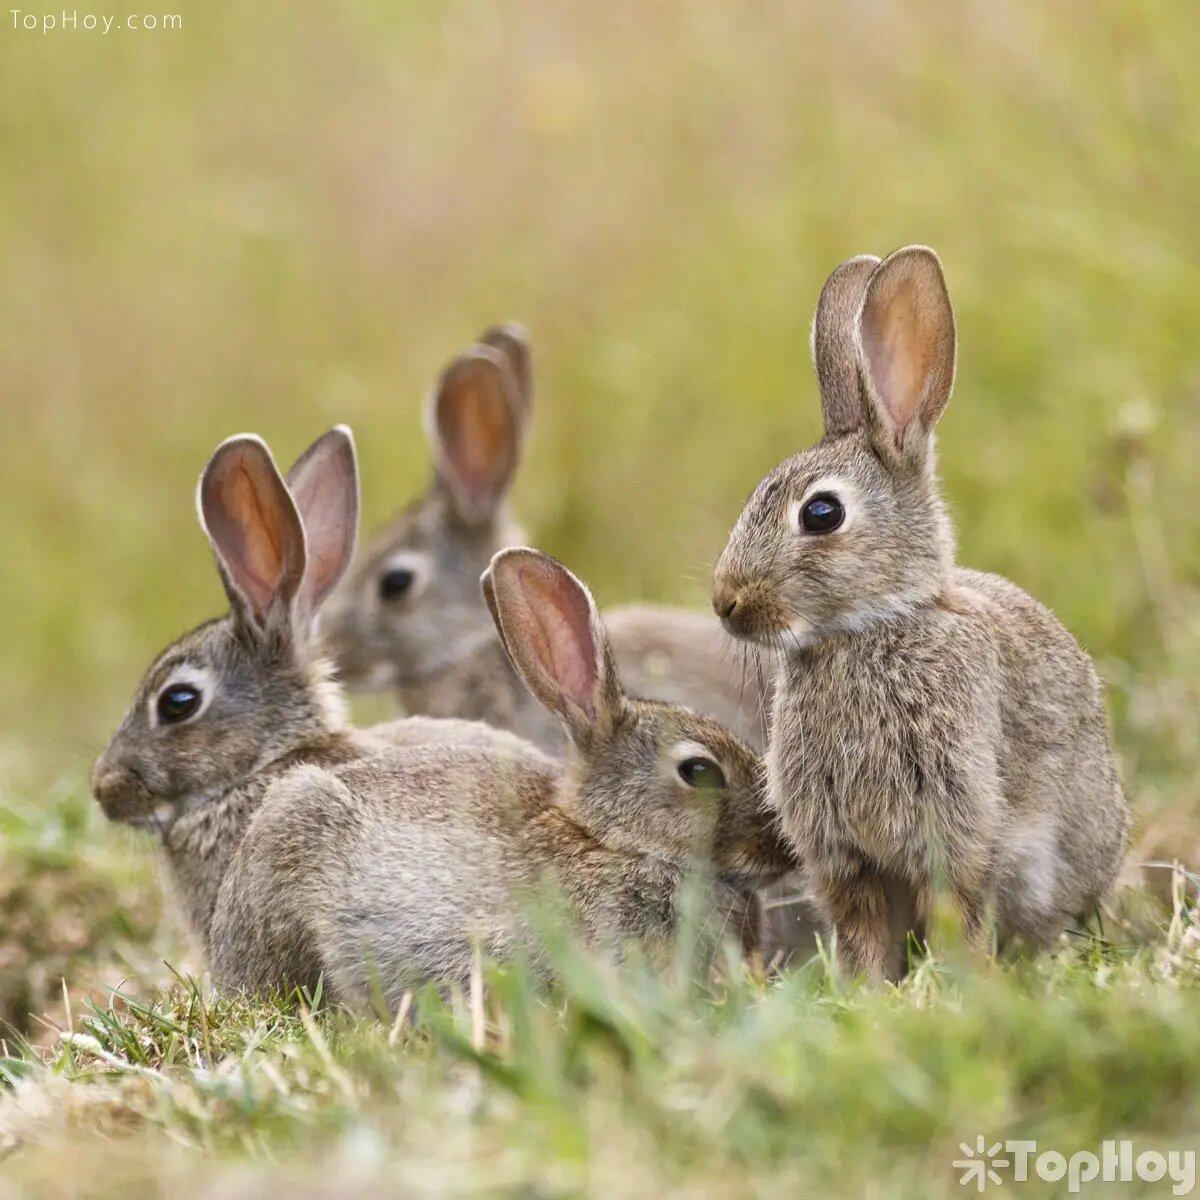 Cuando se encuentran en su ambiente natural, los conejos viven en grupo.